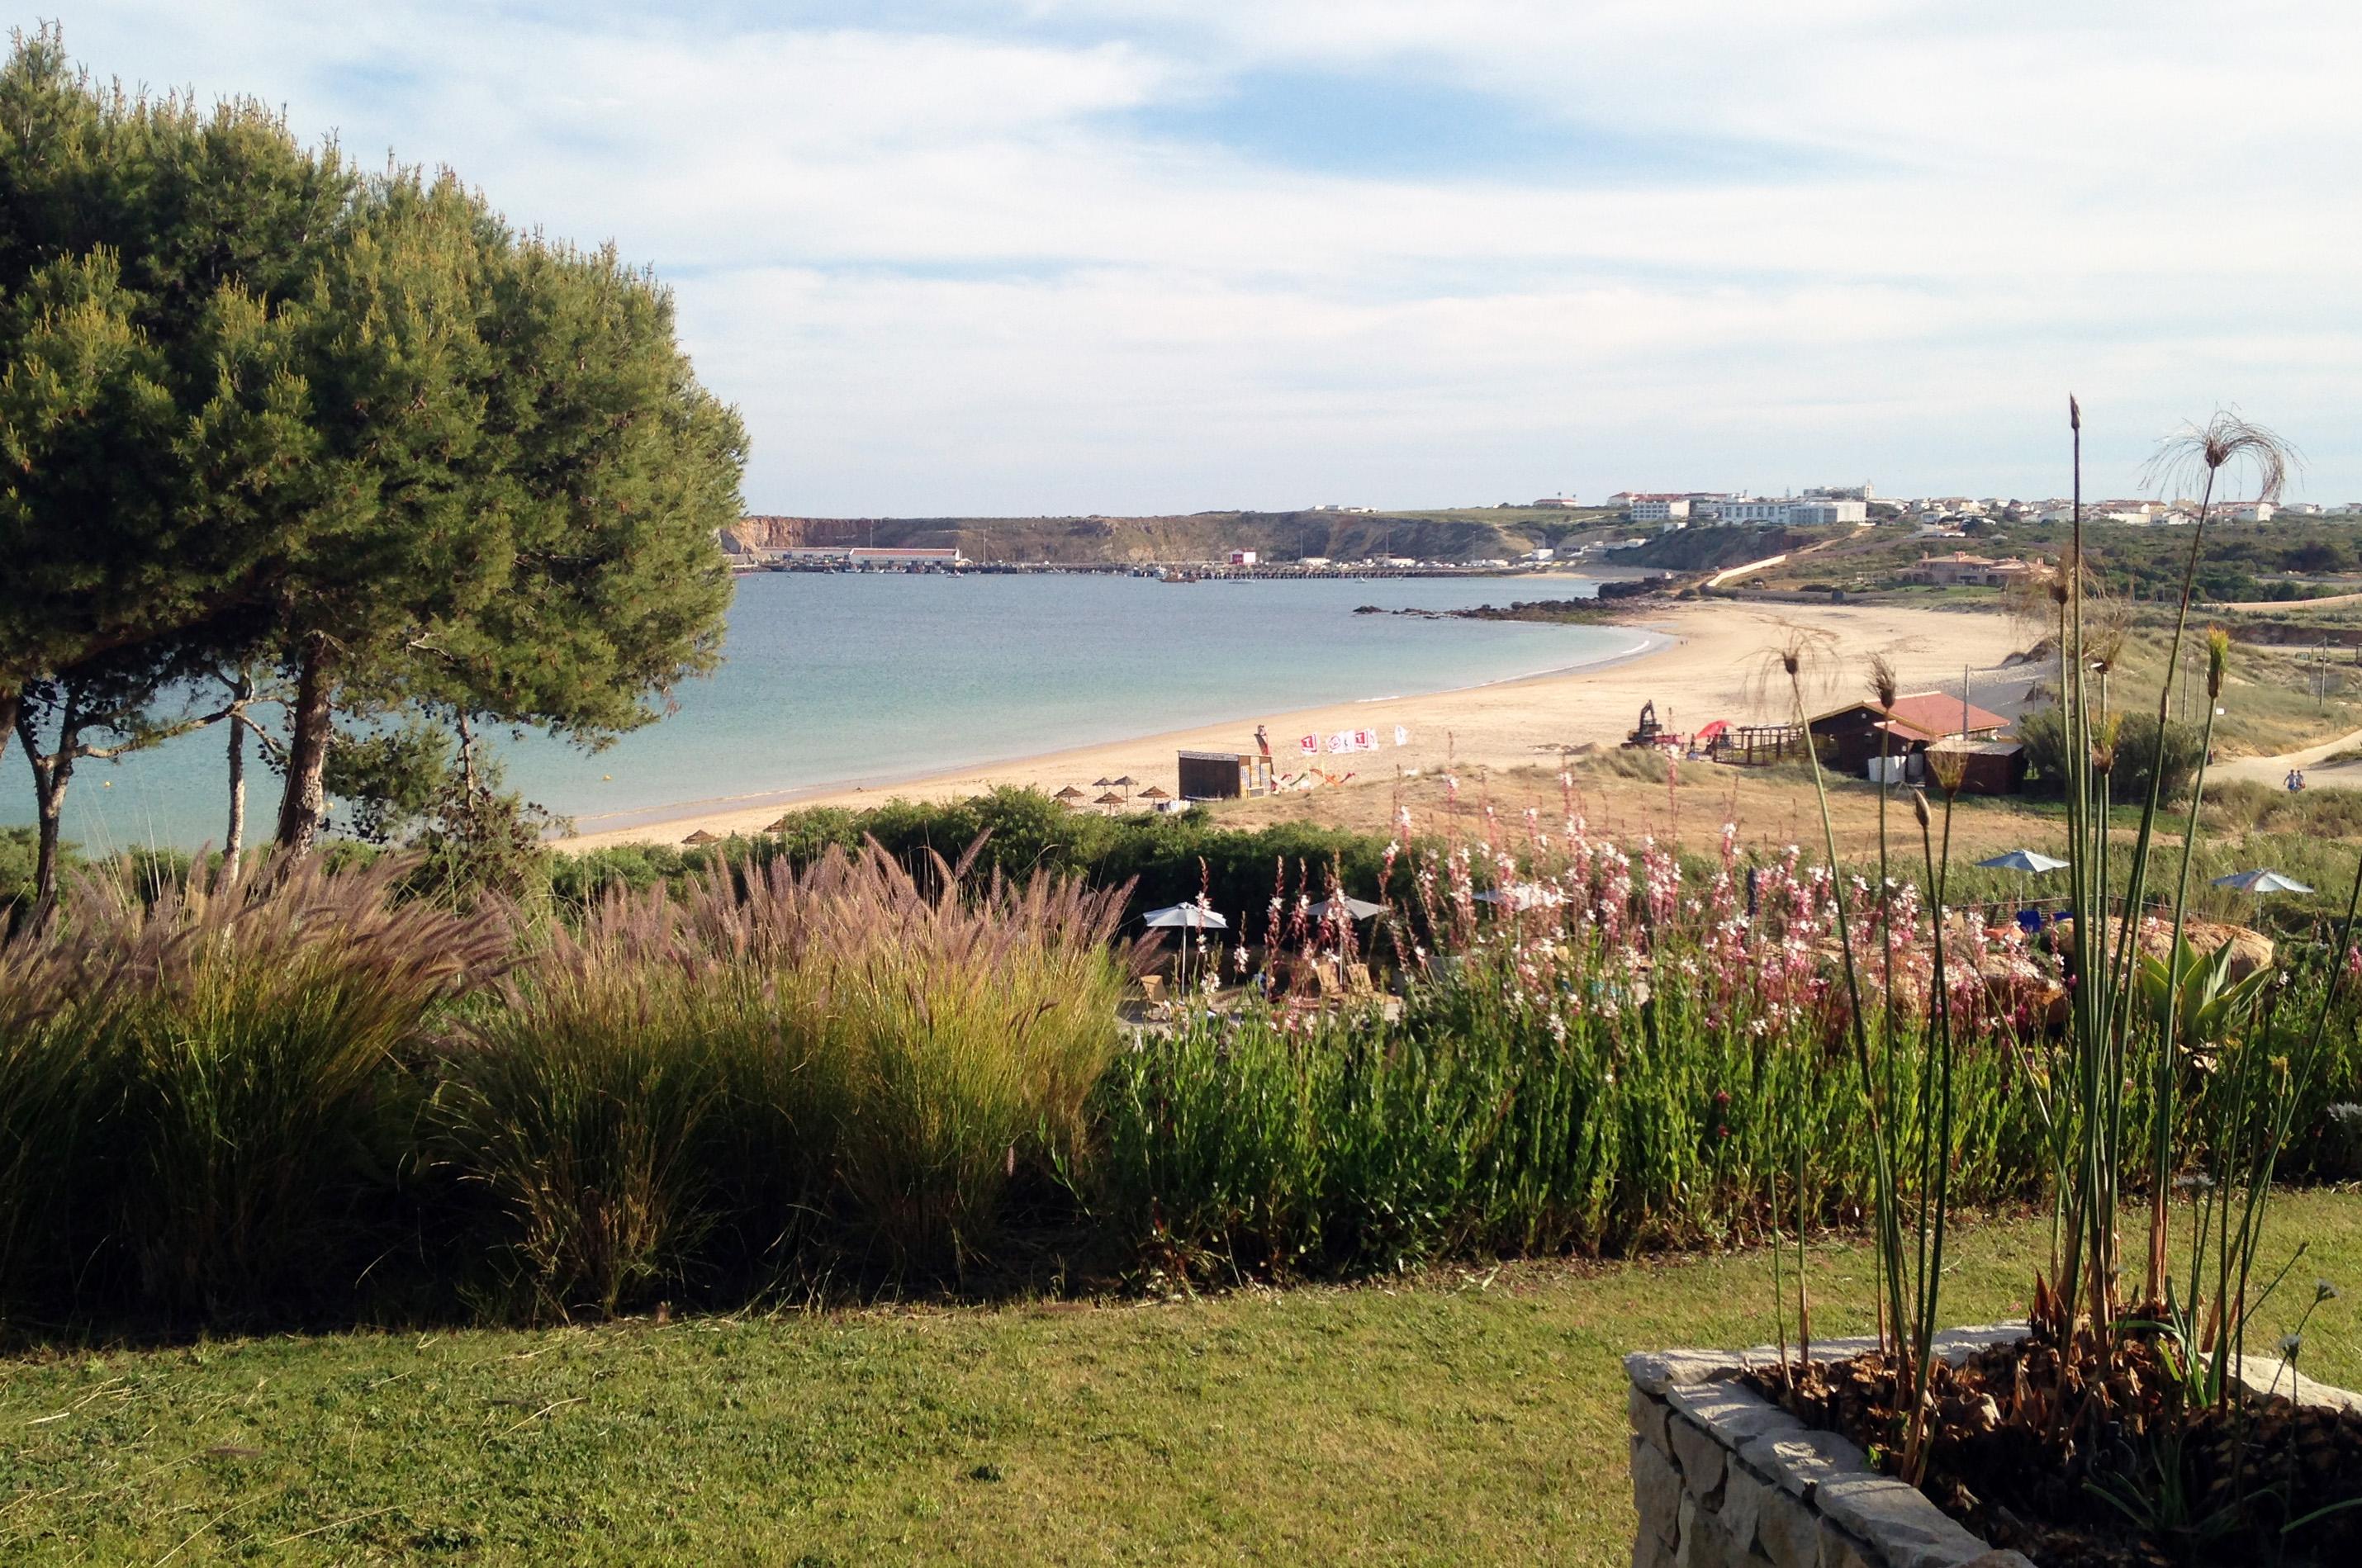 """Martinhal på Algarvekusten – """"the end of the world"""" och en oas att andas i"""